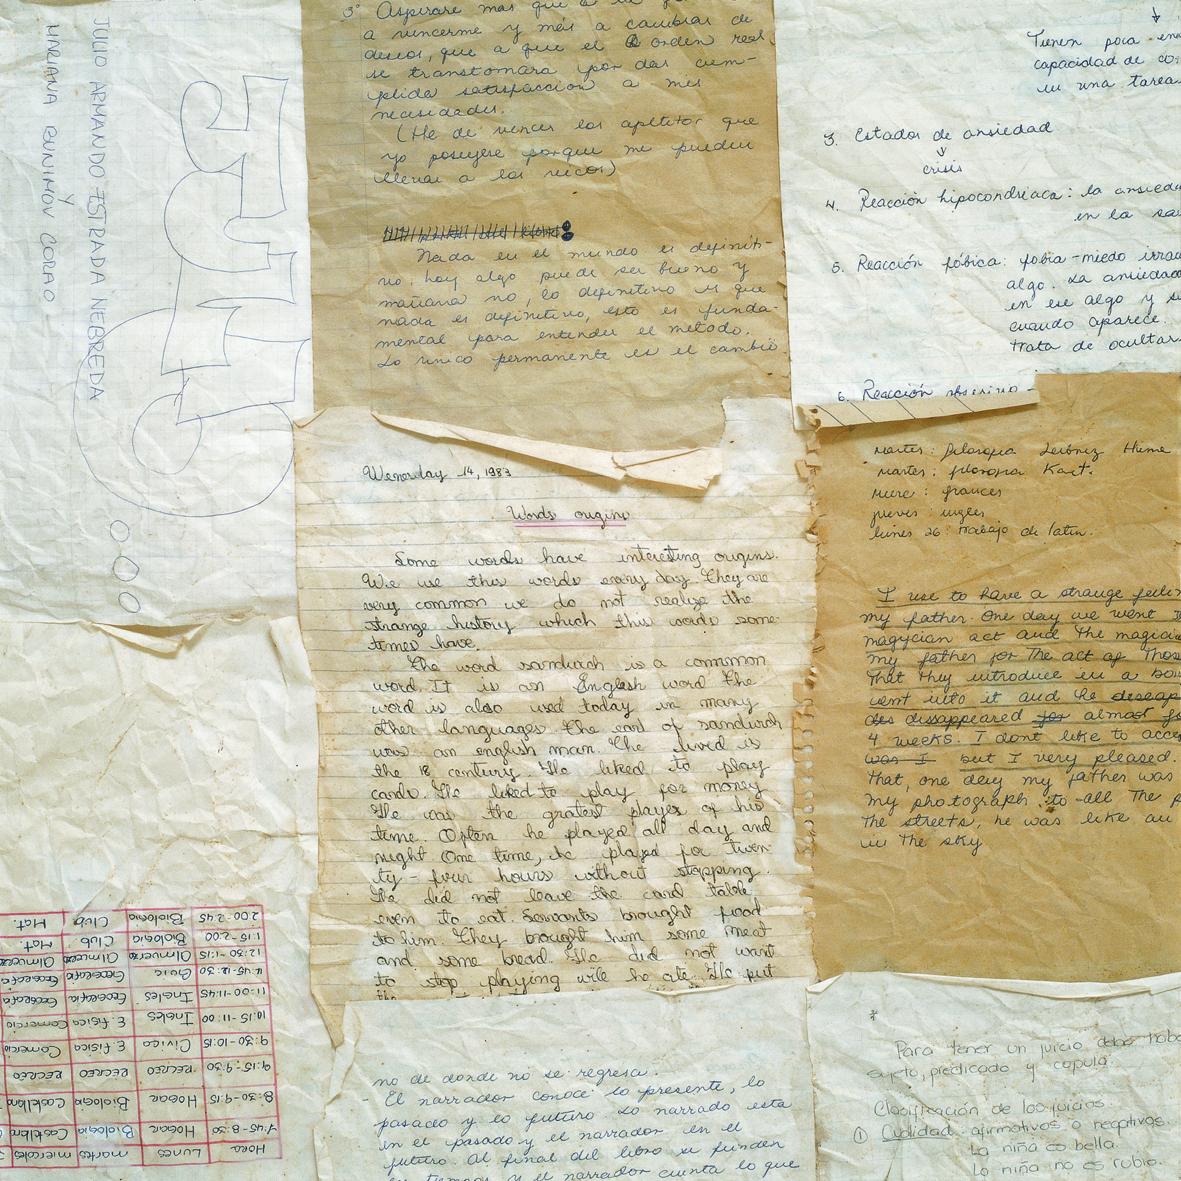 Colchón Cuadernos del Colegio | © Mariana Bunimov